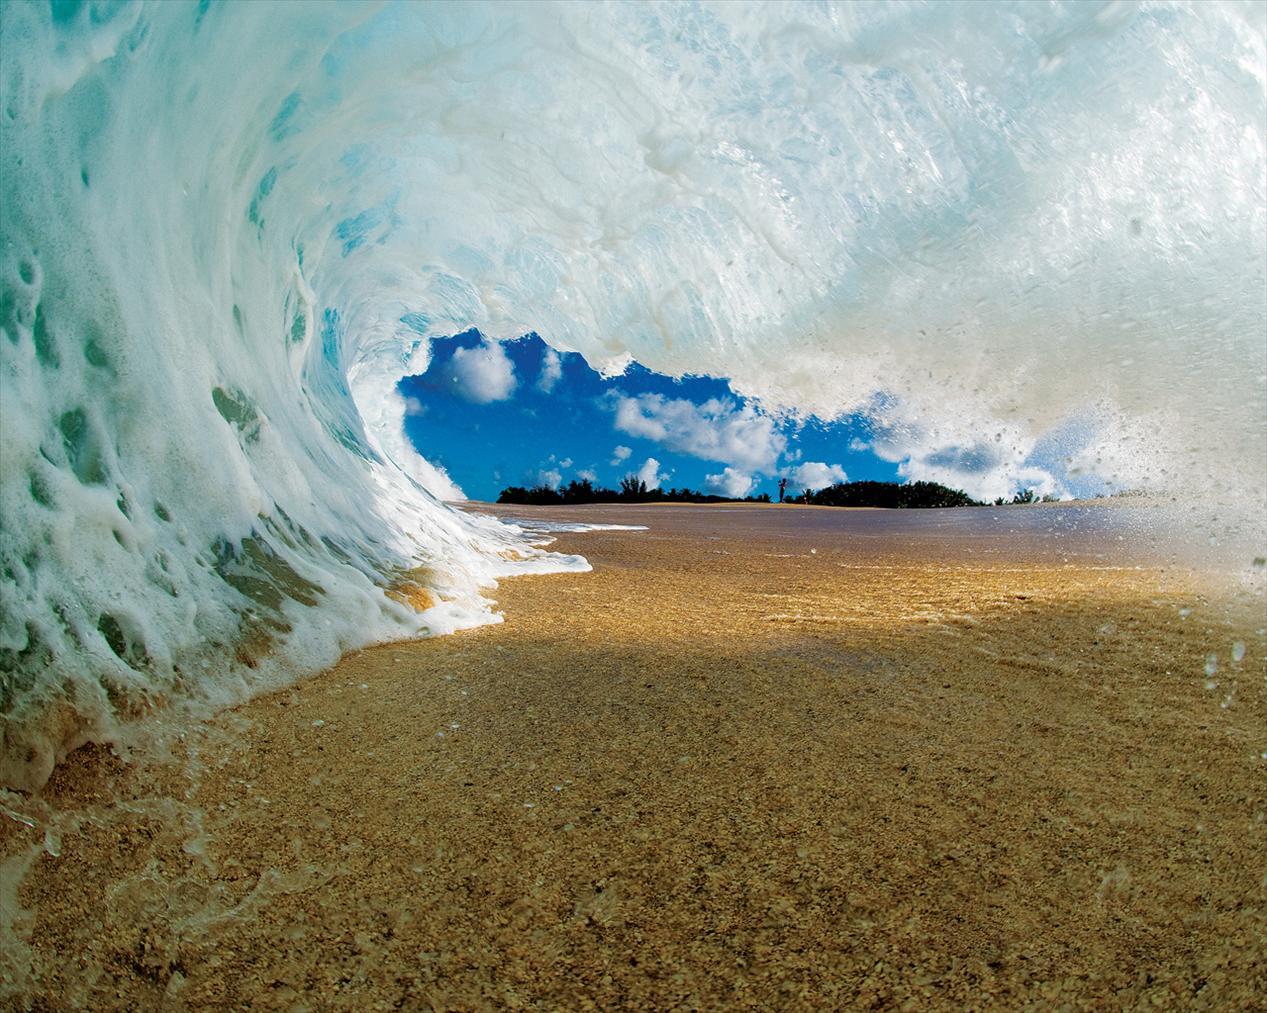 http://2.bp.blogspot.com/-qK2JGpLTtNU/Taj-4k1n3YI/AAAAAAAAAC0/34H9z89bB7E/s1600/clark-little-beach.jpg